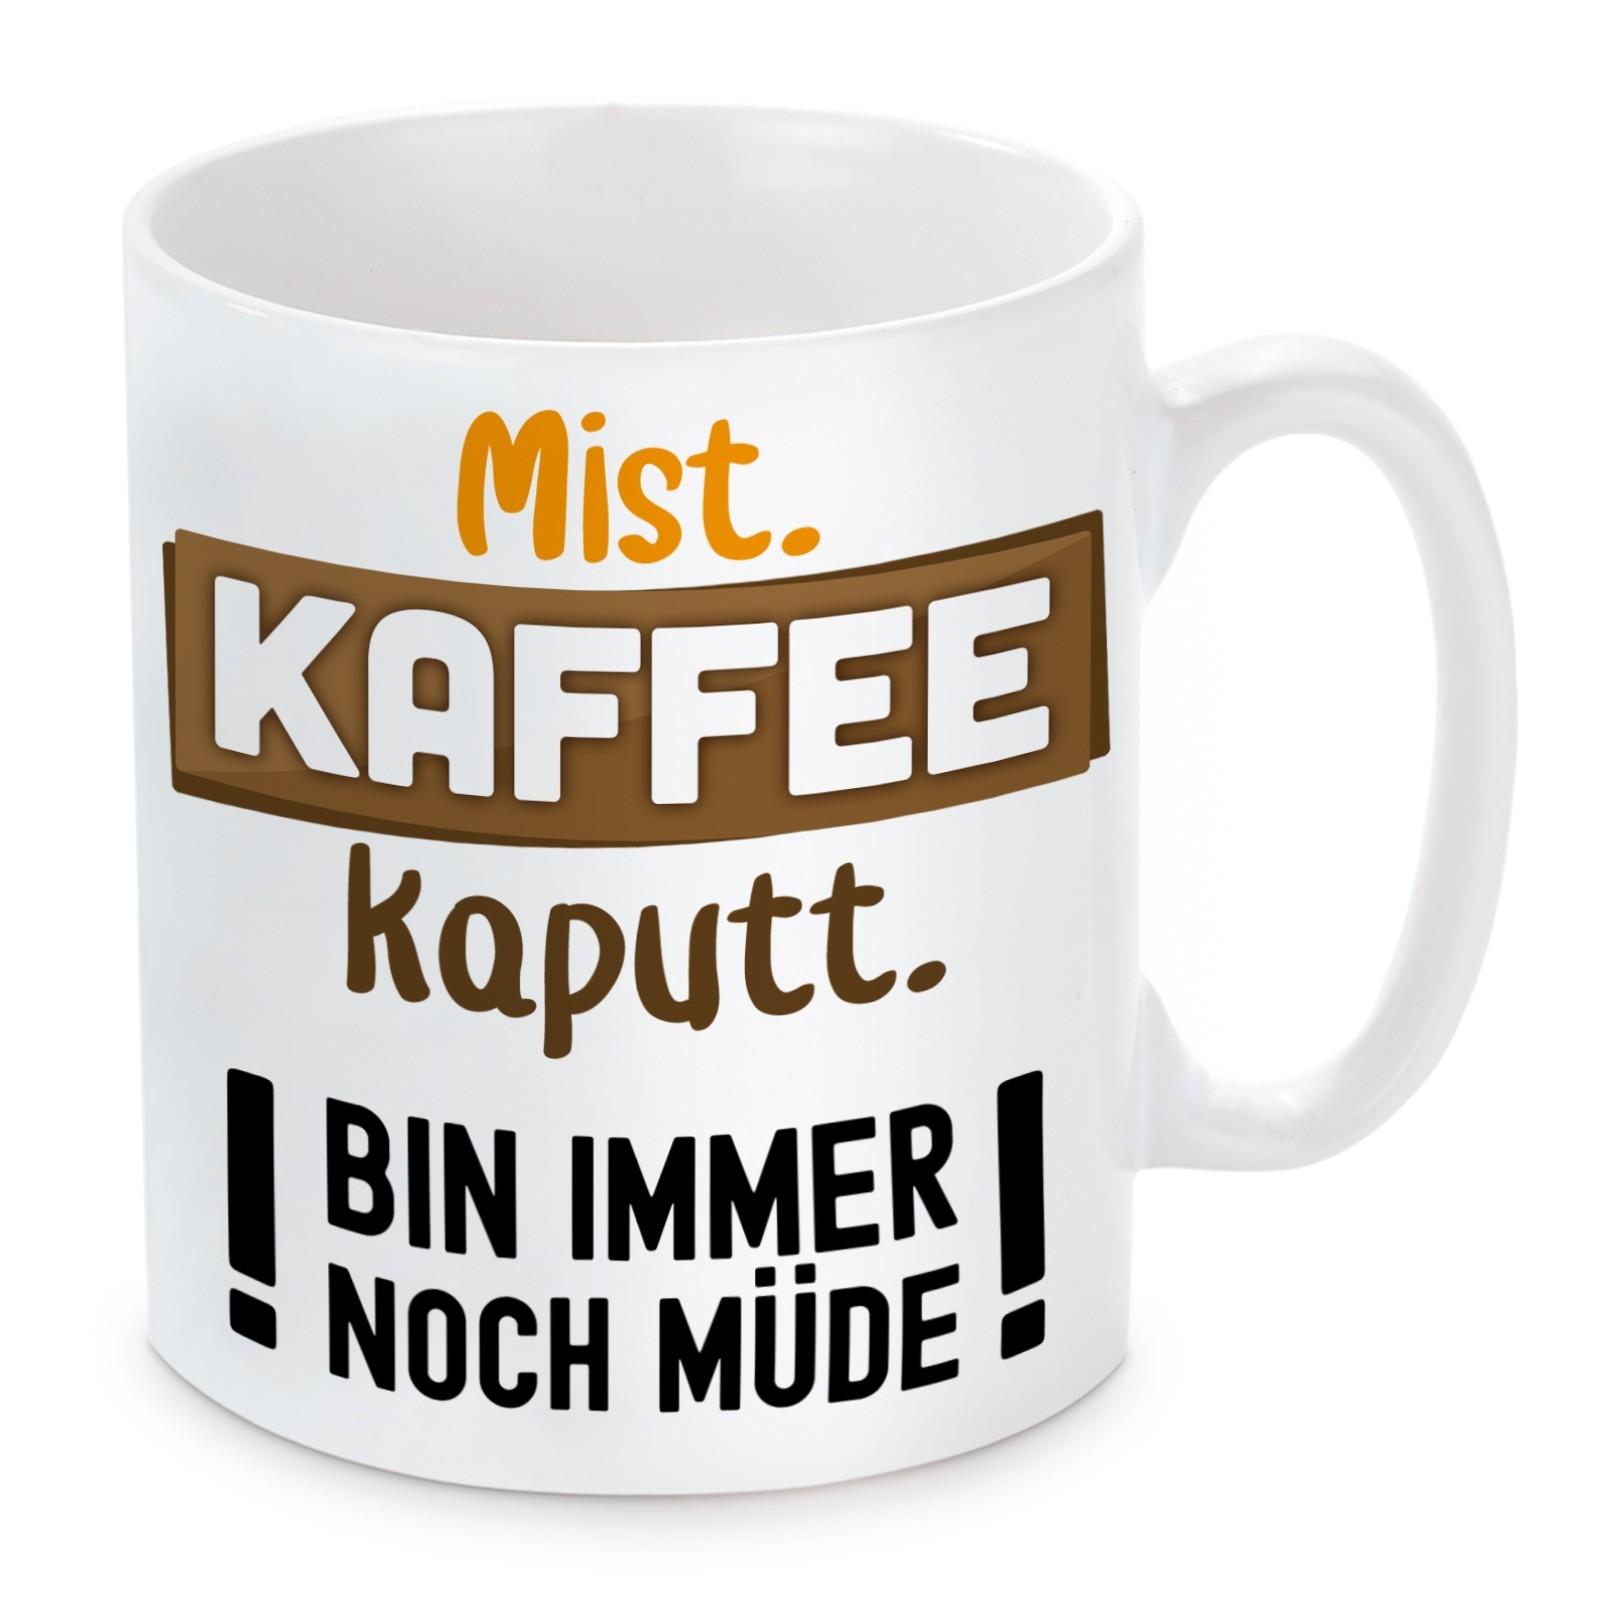 Tasse Modell: Mist. Kaffee kaputt. Bin immer noch müde!